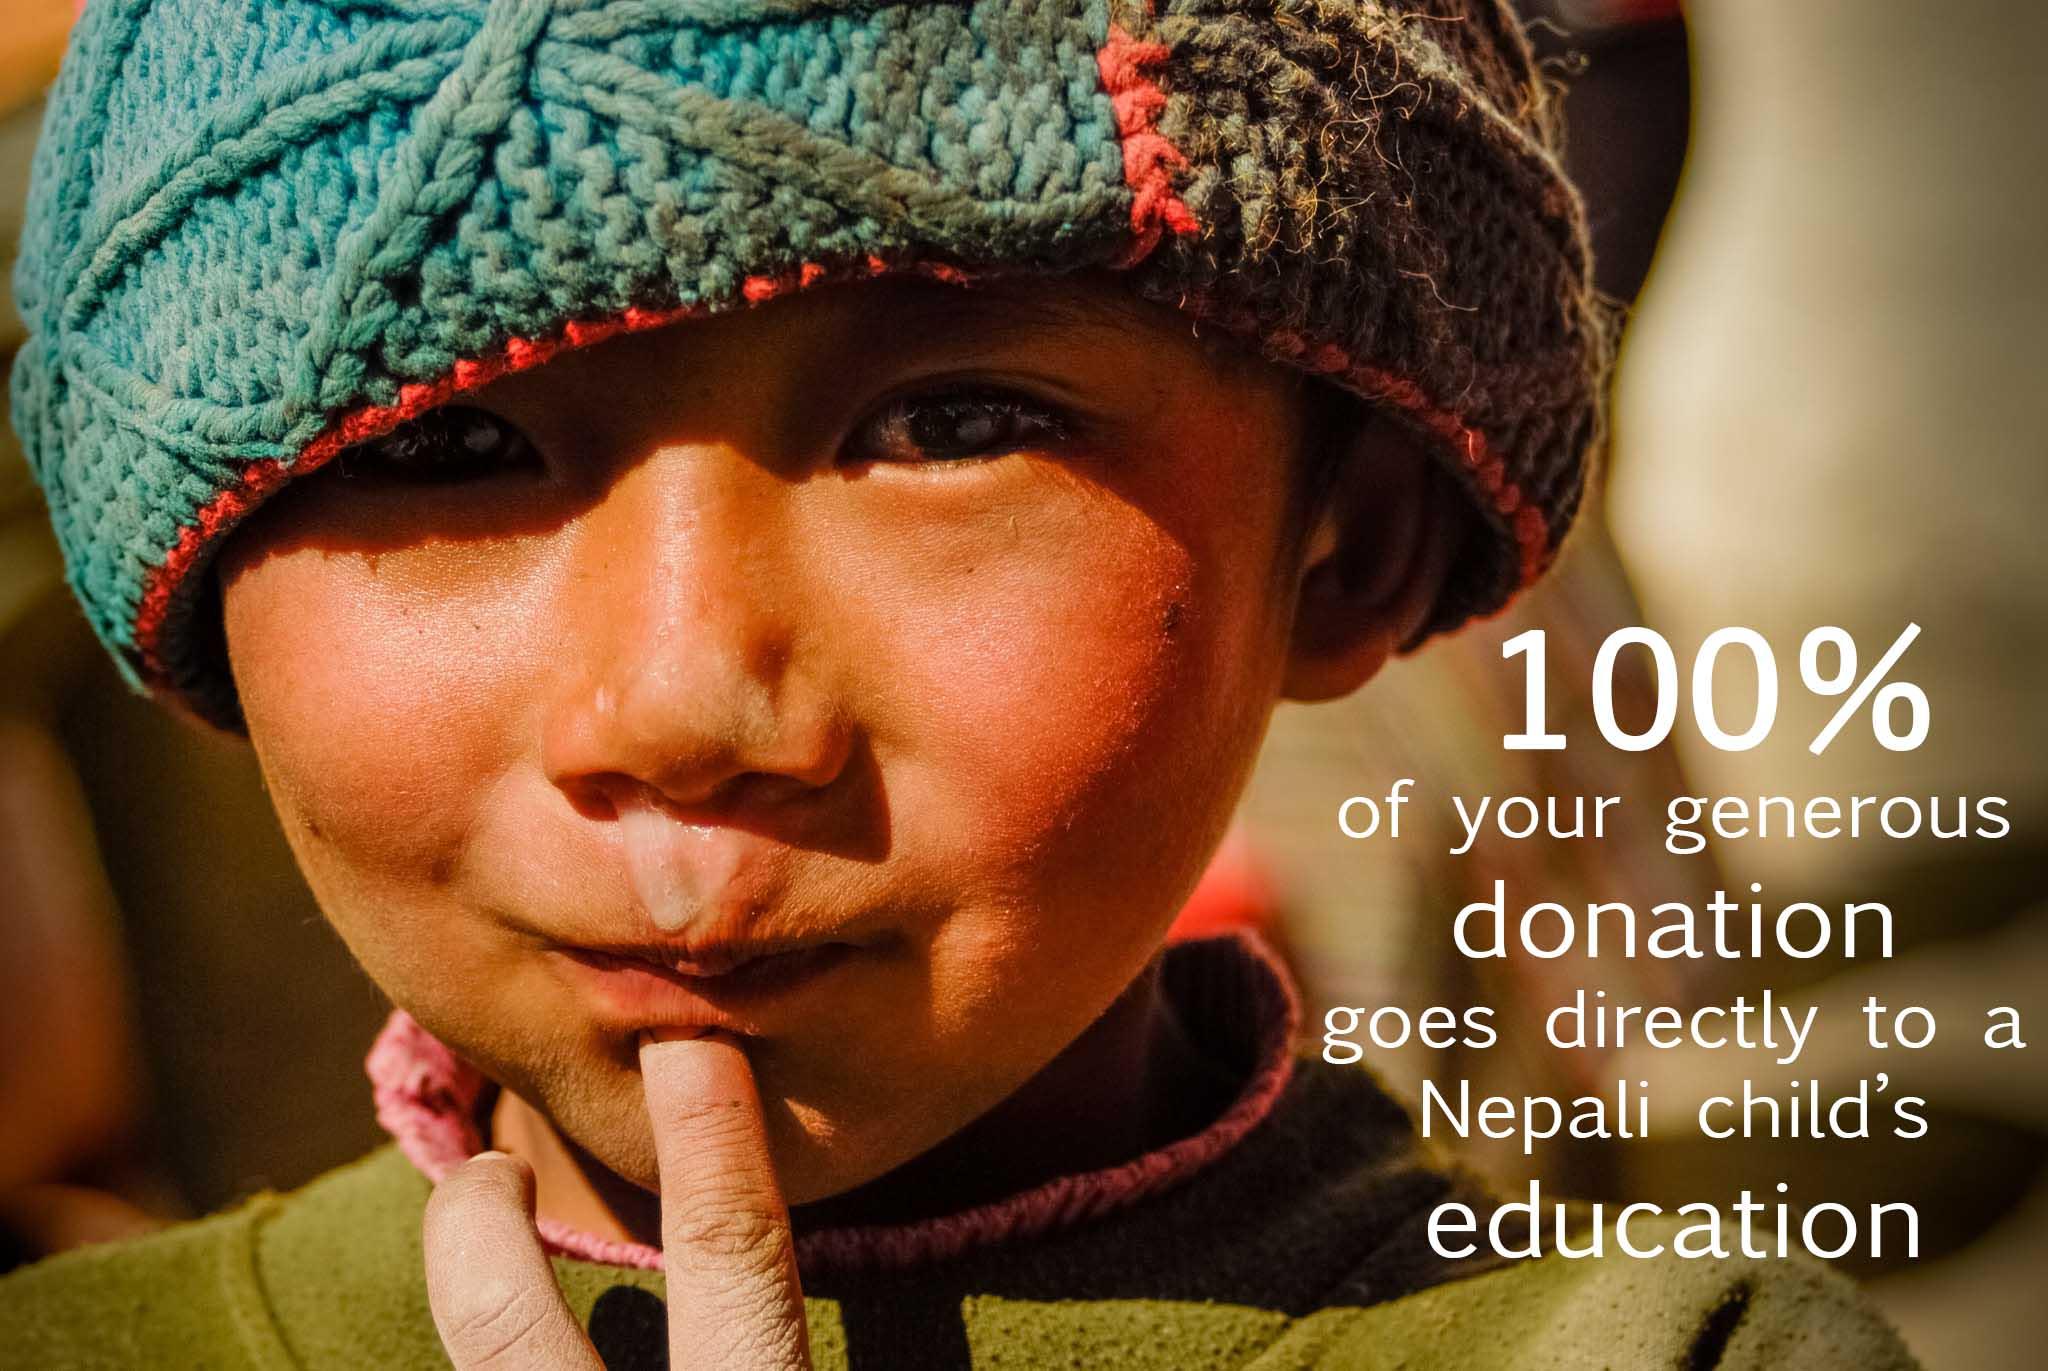 nepal-child-donation